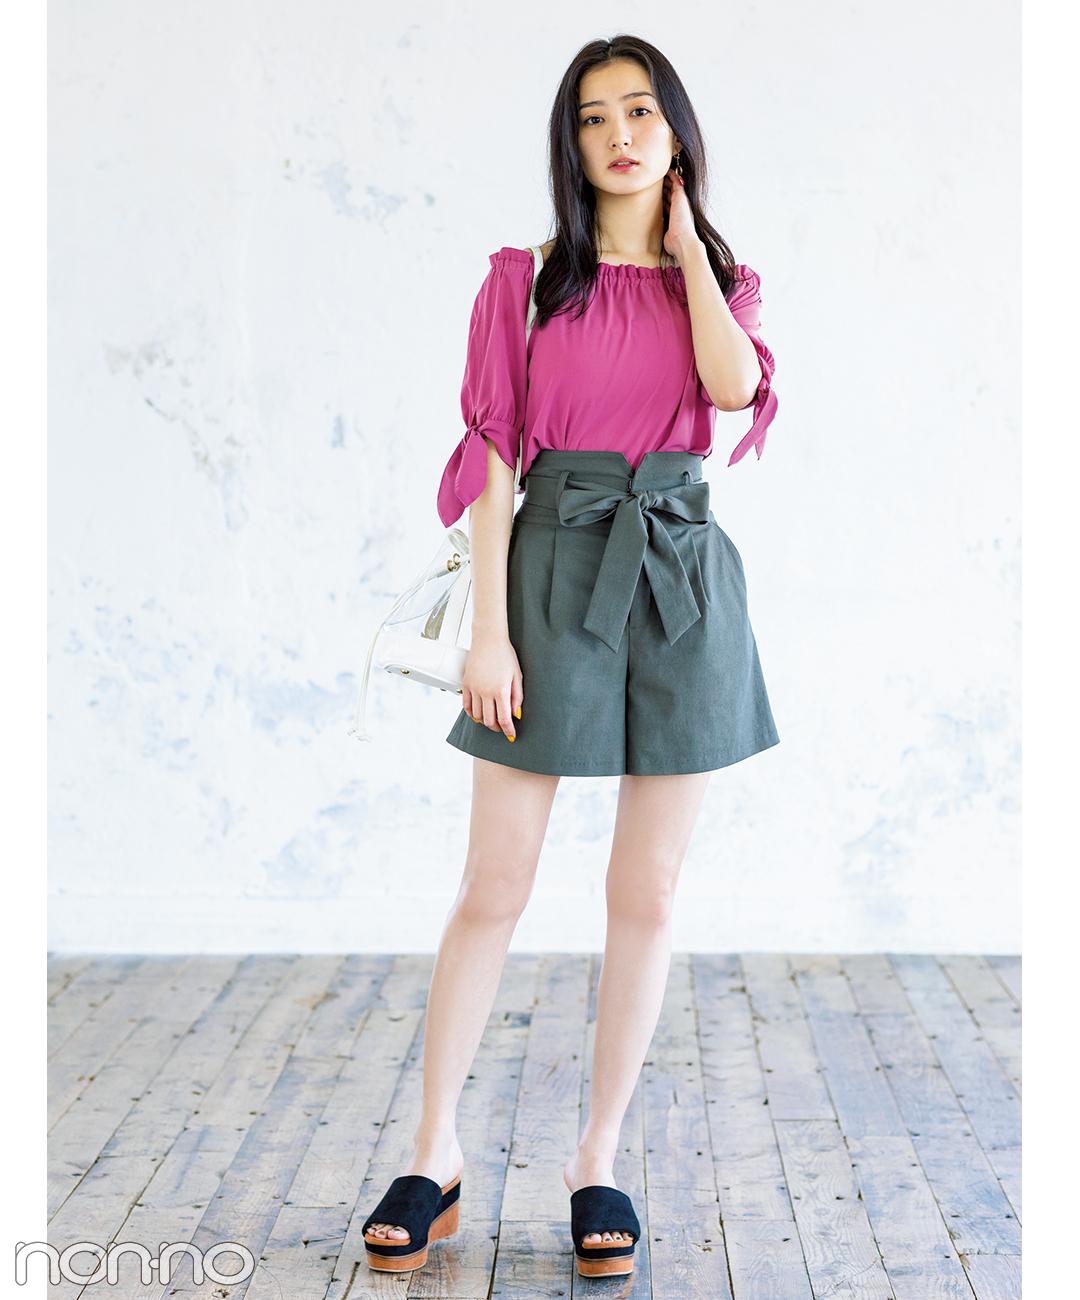 【春→夏ショートパンツコーデ】ショーパン初心者には、ちょい長め&裾広がりで脚細が◎